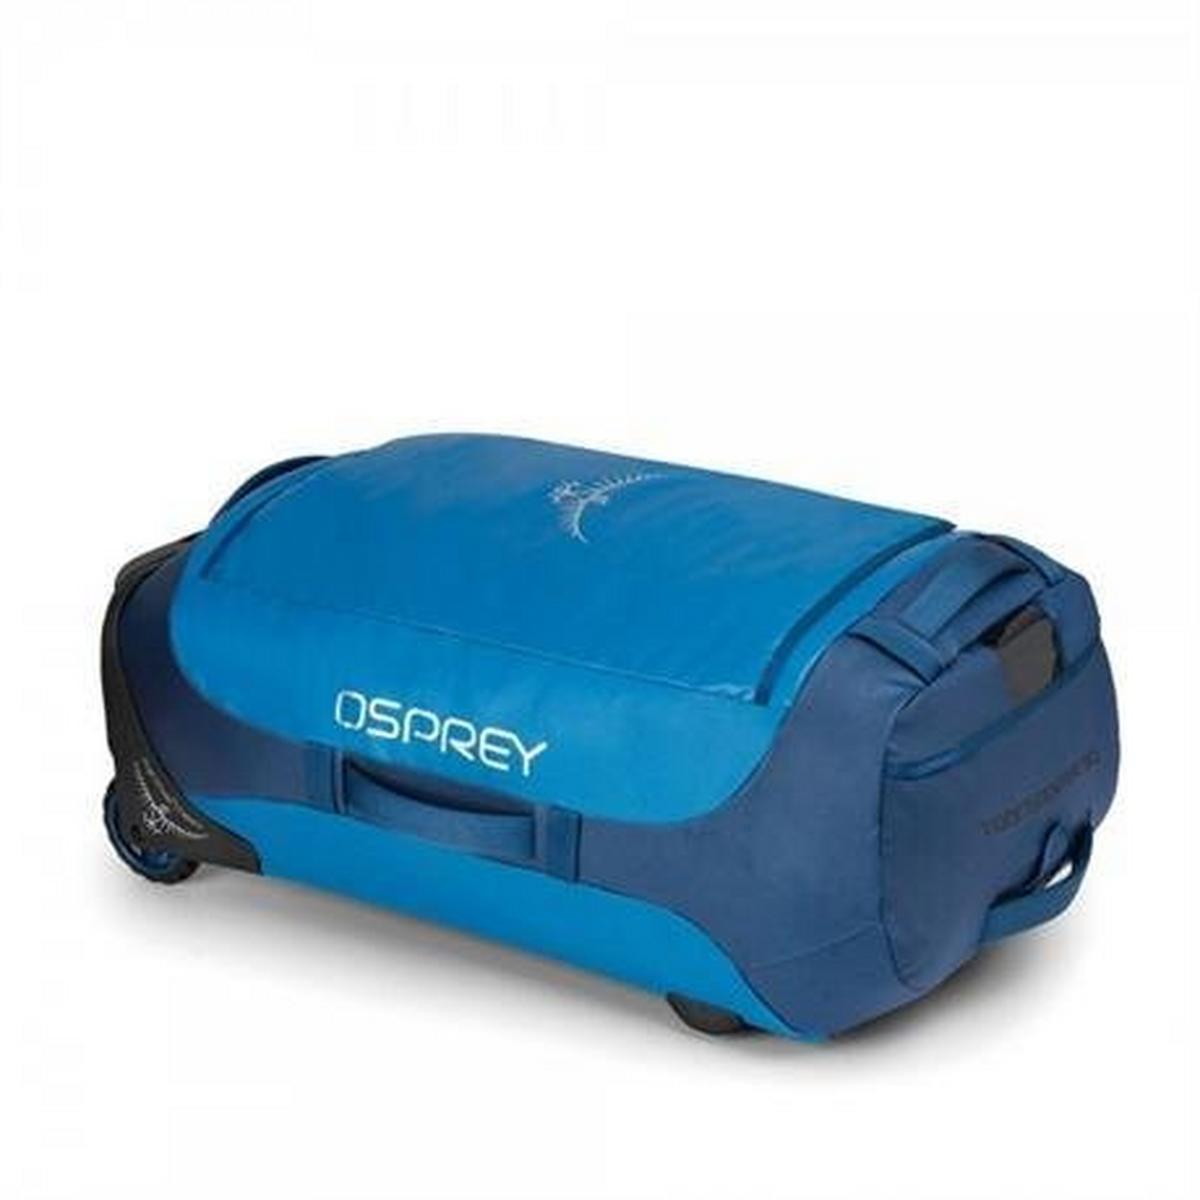 Osprey Travel Bag Rolling Transporter 90 Kingfisher Blue